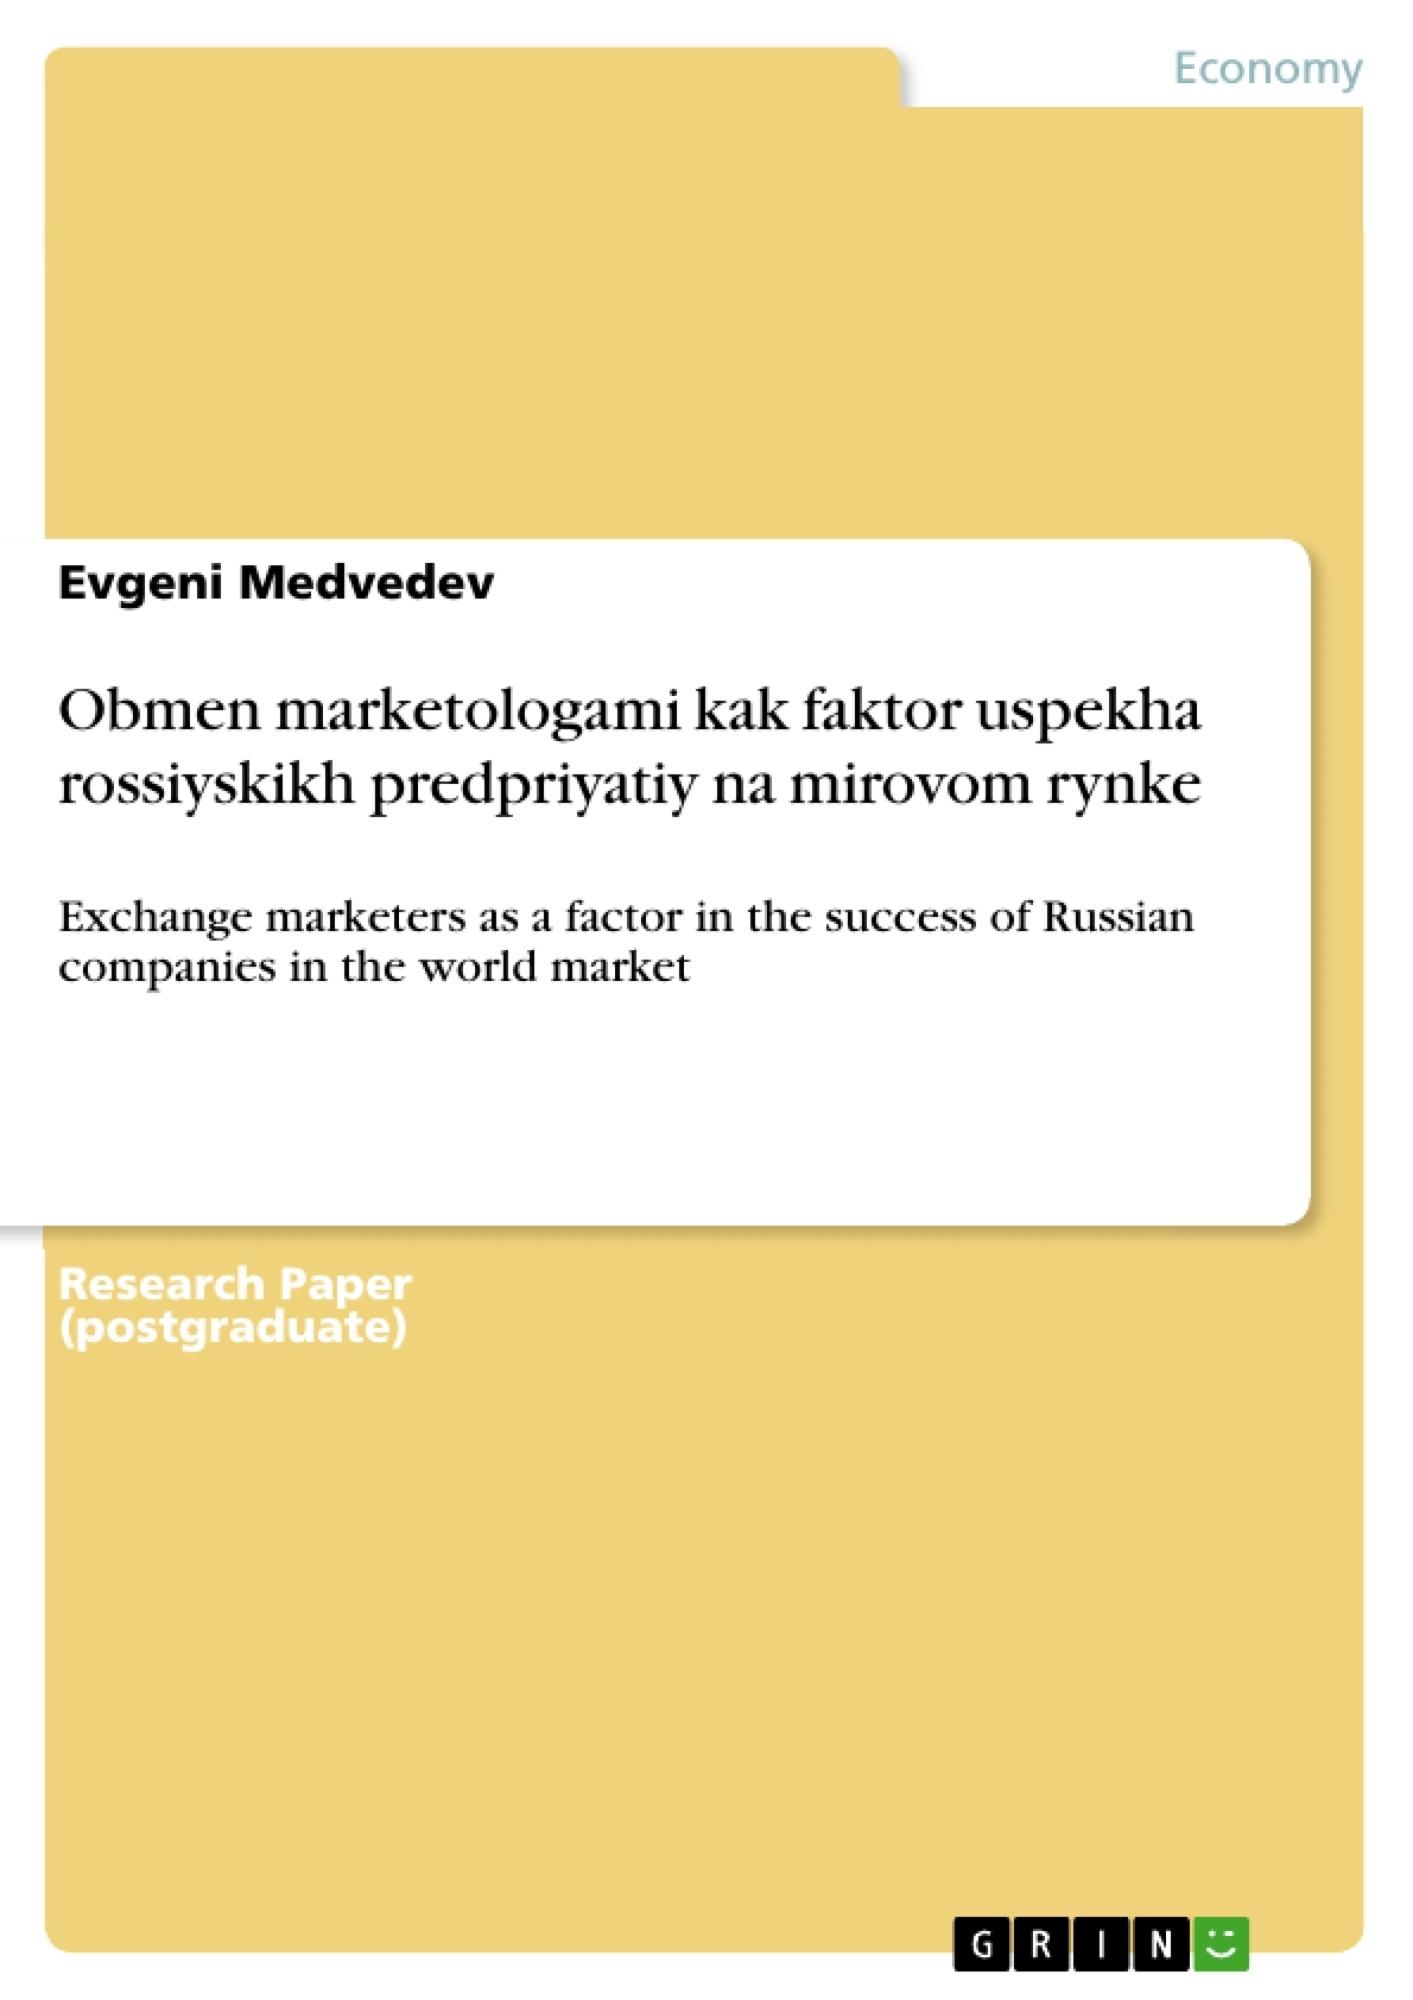 Title: Obmen marketologami kak faktor uspekha rossiyskikh predpriyatiy na mirovom rynke